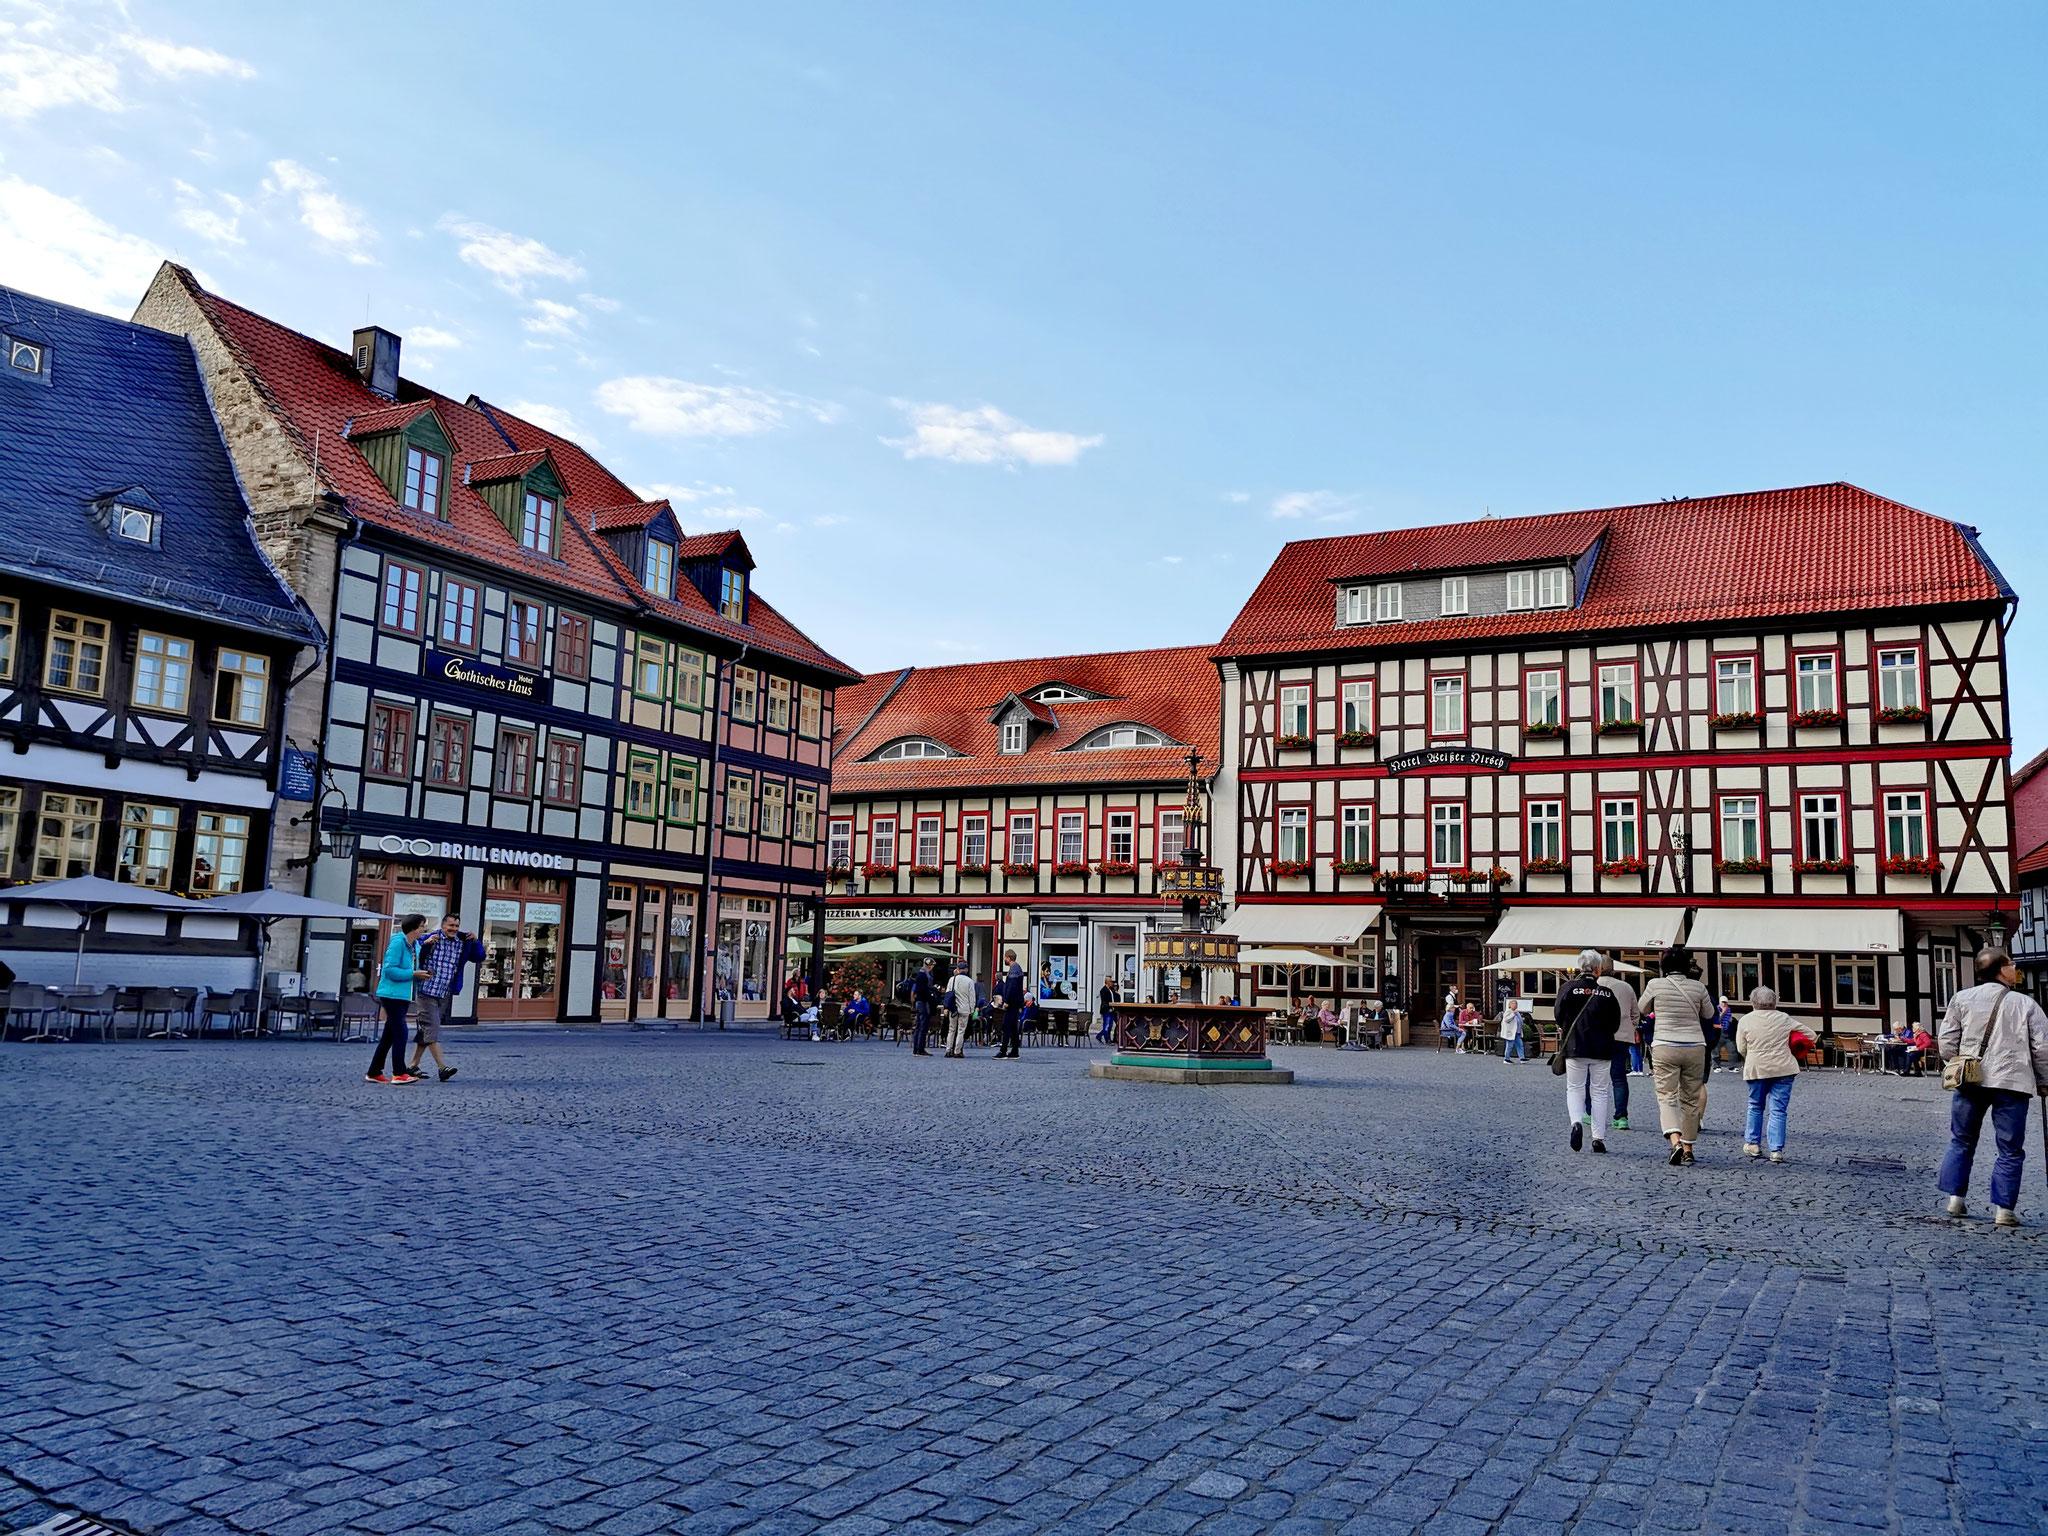 Der Marktplatz von Wernigerode